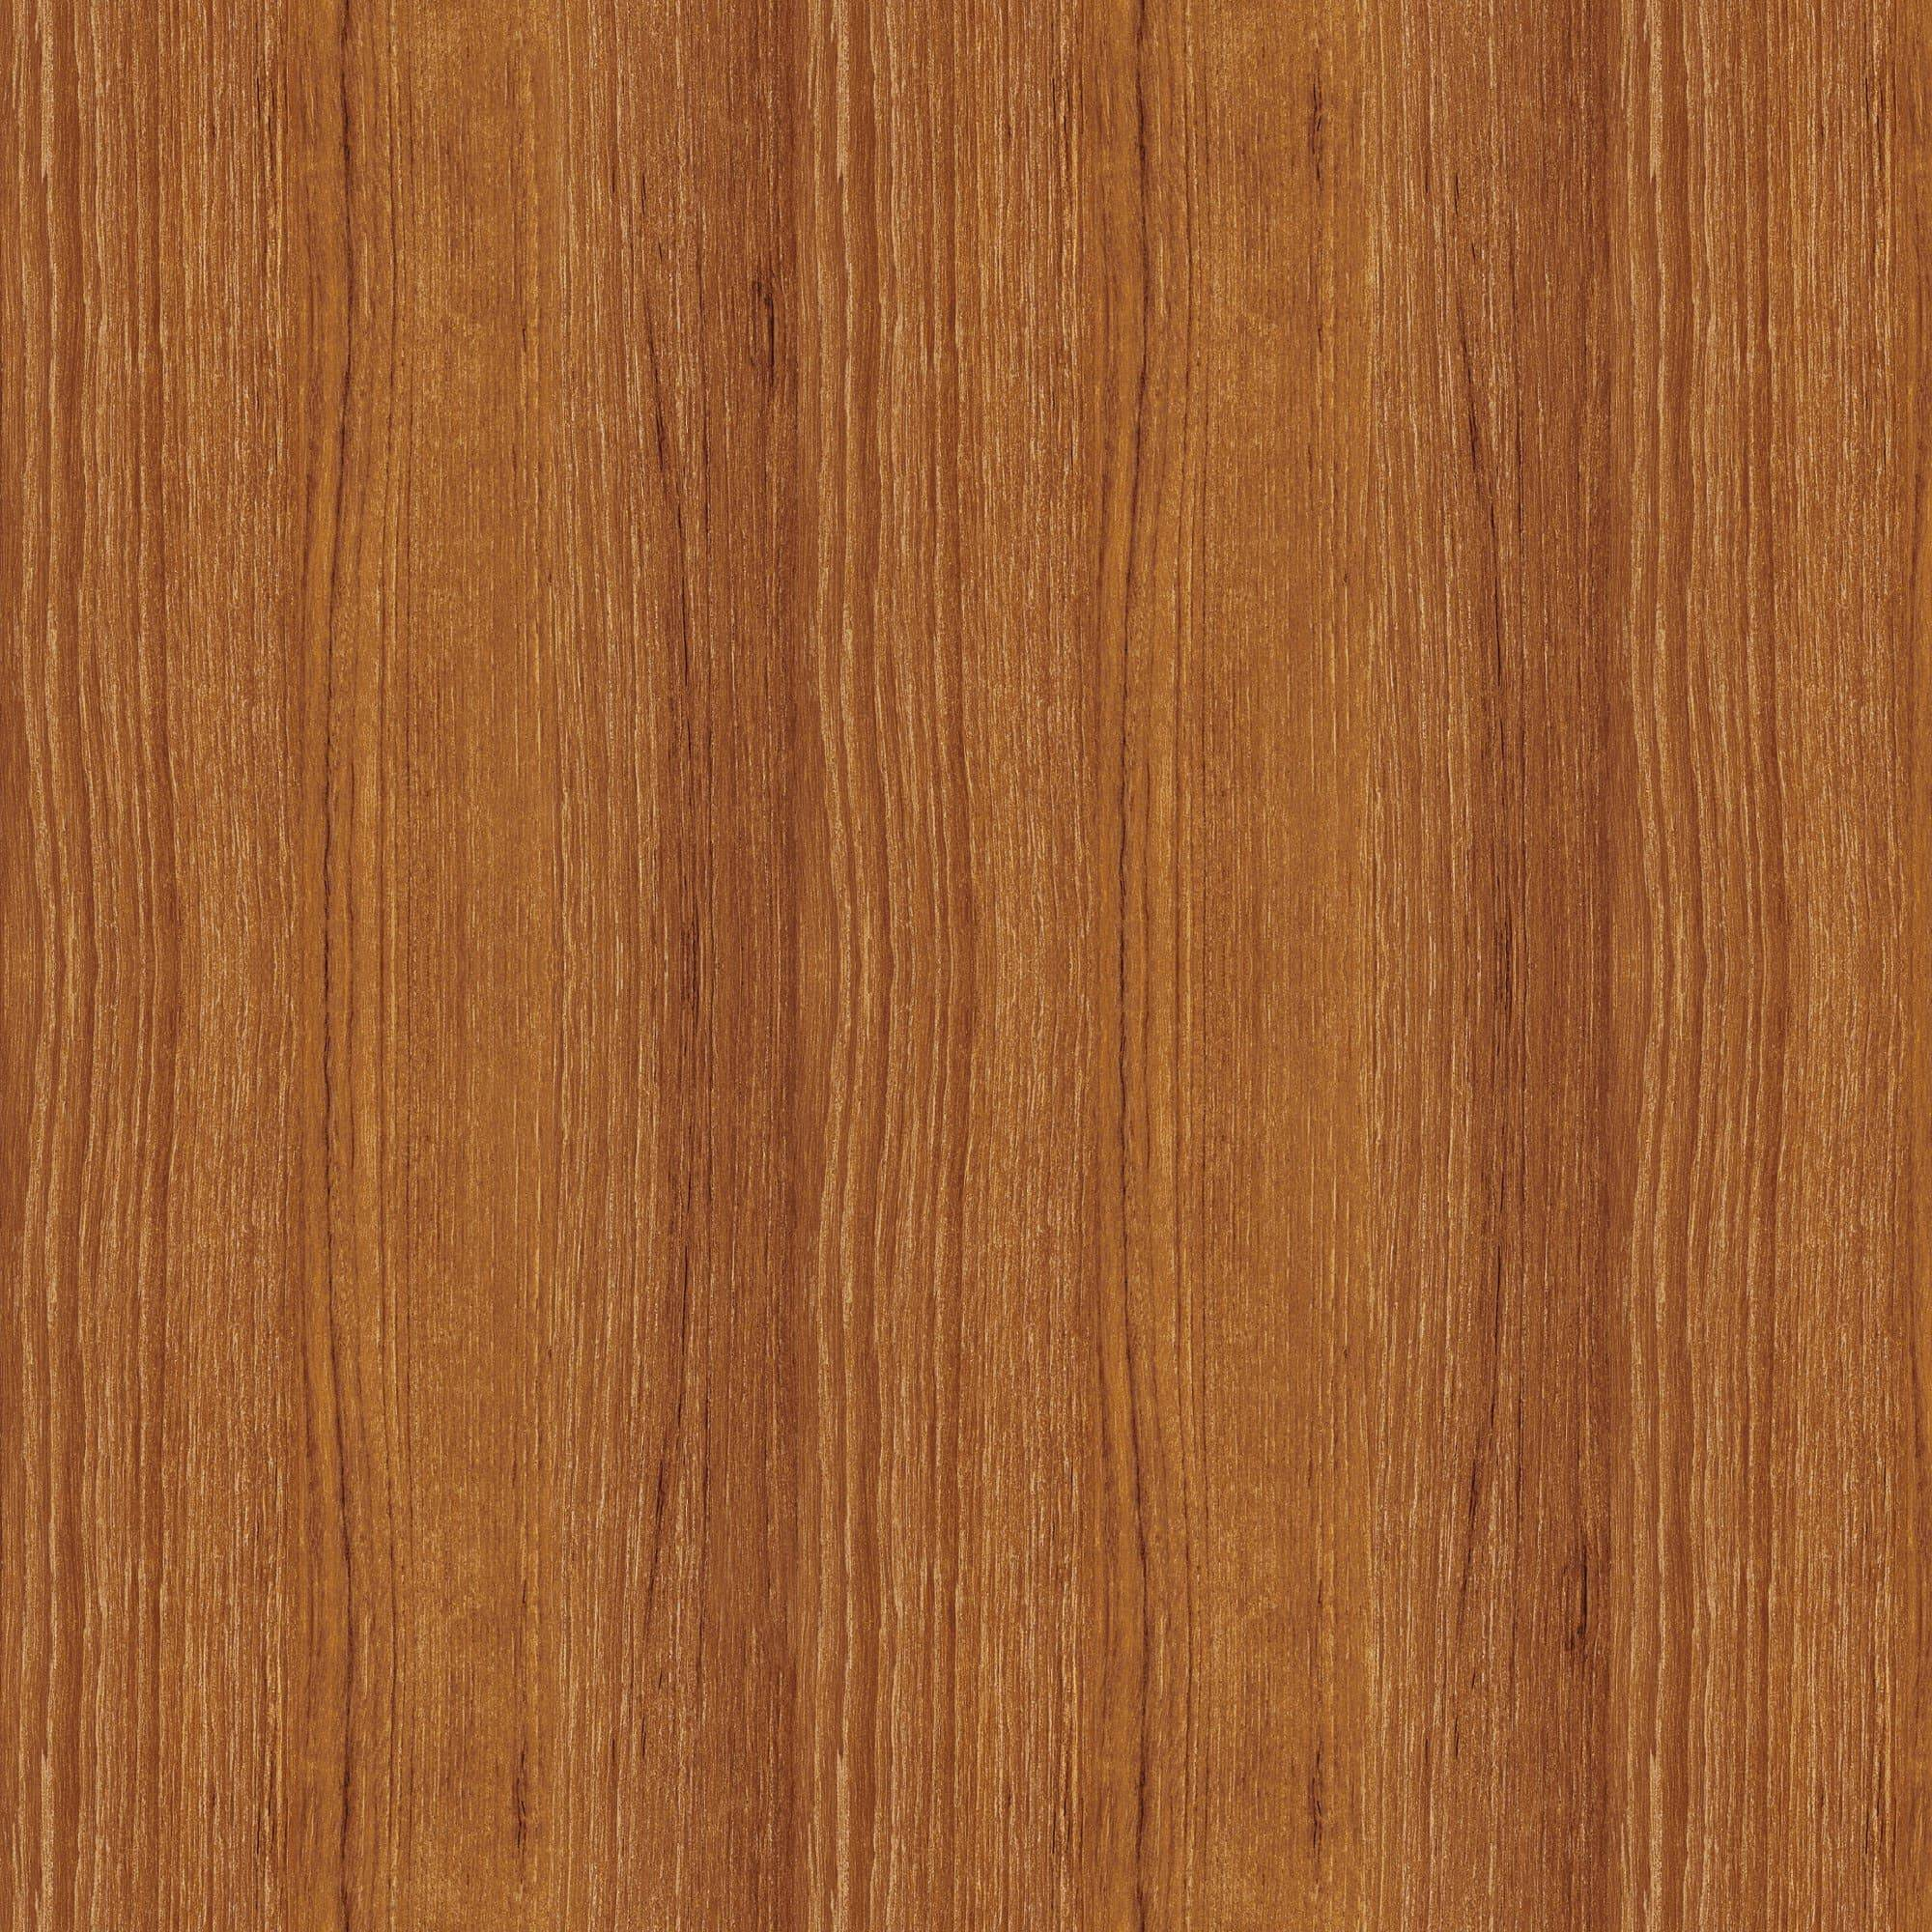 Имидж Мастер, Стол маникюрный Классика I с тумбой (16 цветов) Дерево имидж мастер стол маникюрный классика i с тумбой 16 цветов голубой